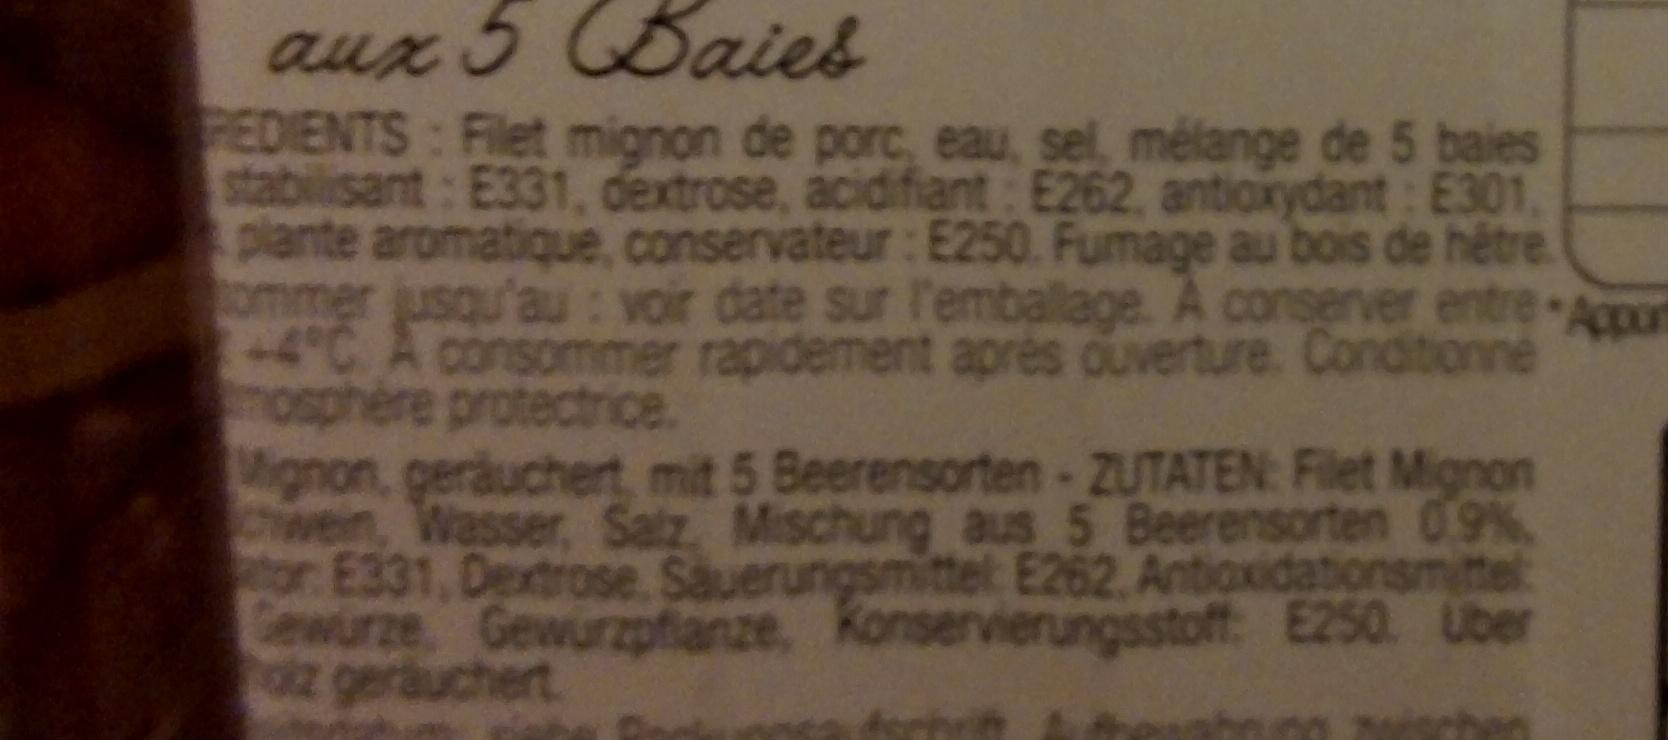 Filet mignon fumé aux 5 baies - Ingrédients - fr